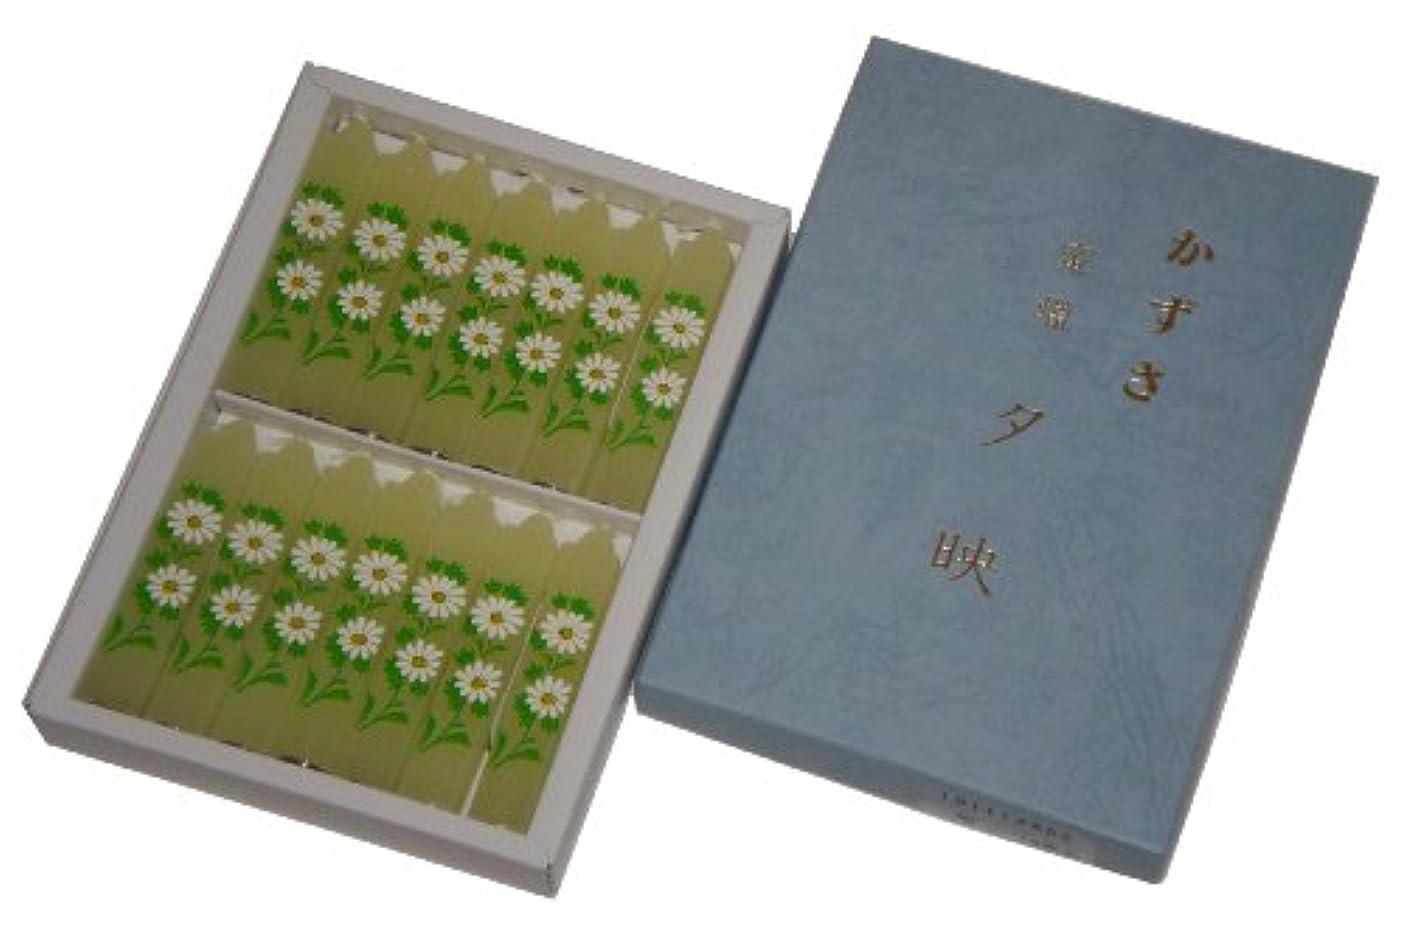 ショッキング疾患少なくとも鳥居のローソク 蜜蝋小夕映 菊 14本入 金具付 #100965